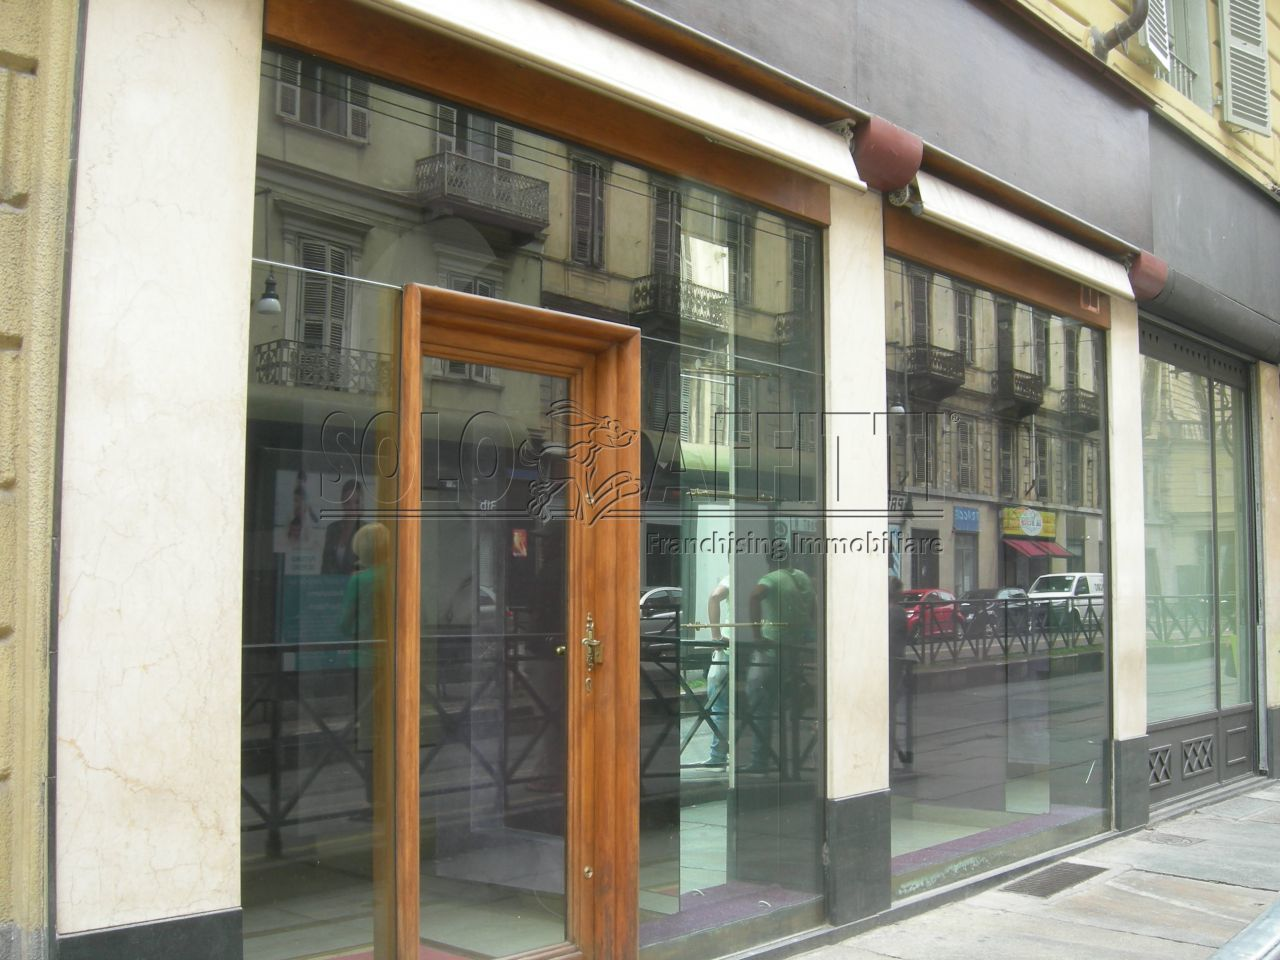 Negozio / Locale in affitto a Torino, 2 locali, prezzo € 1.500 | CambioCasa.it